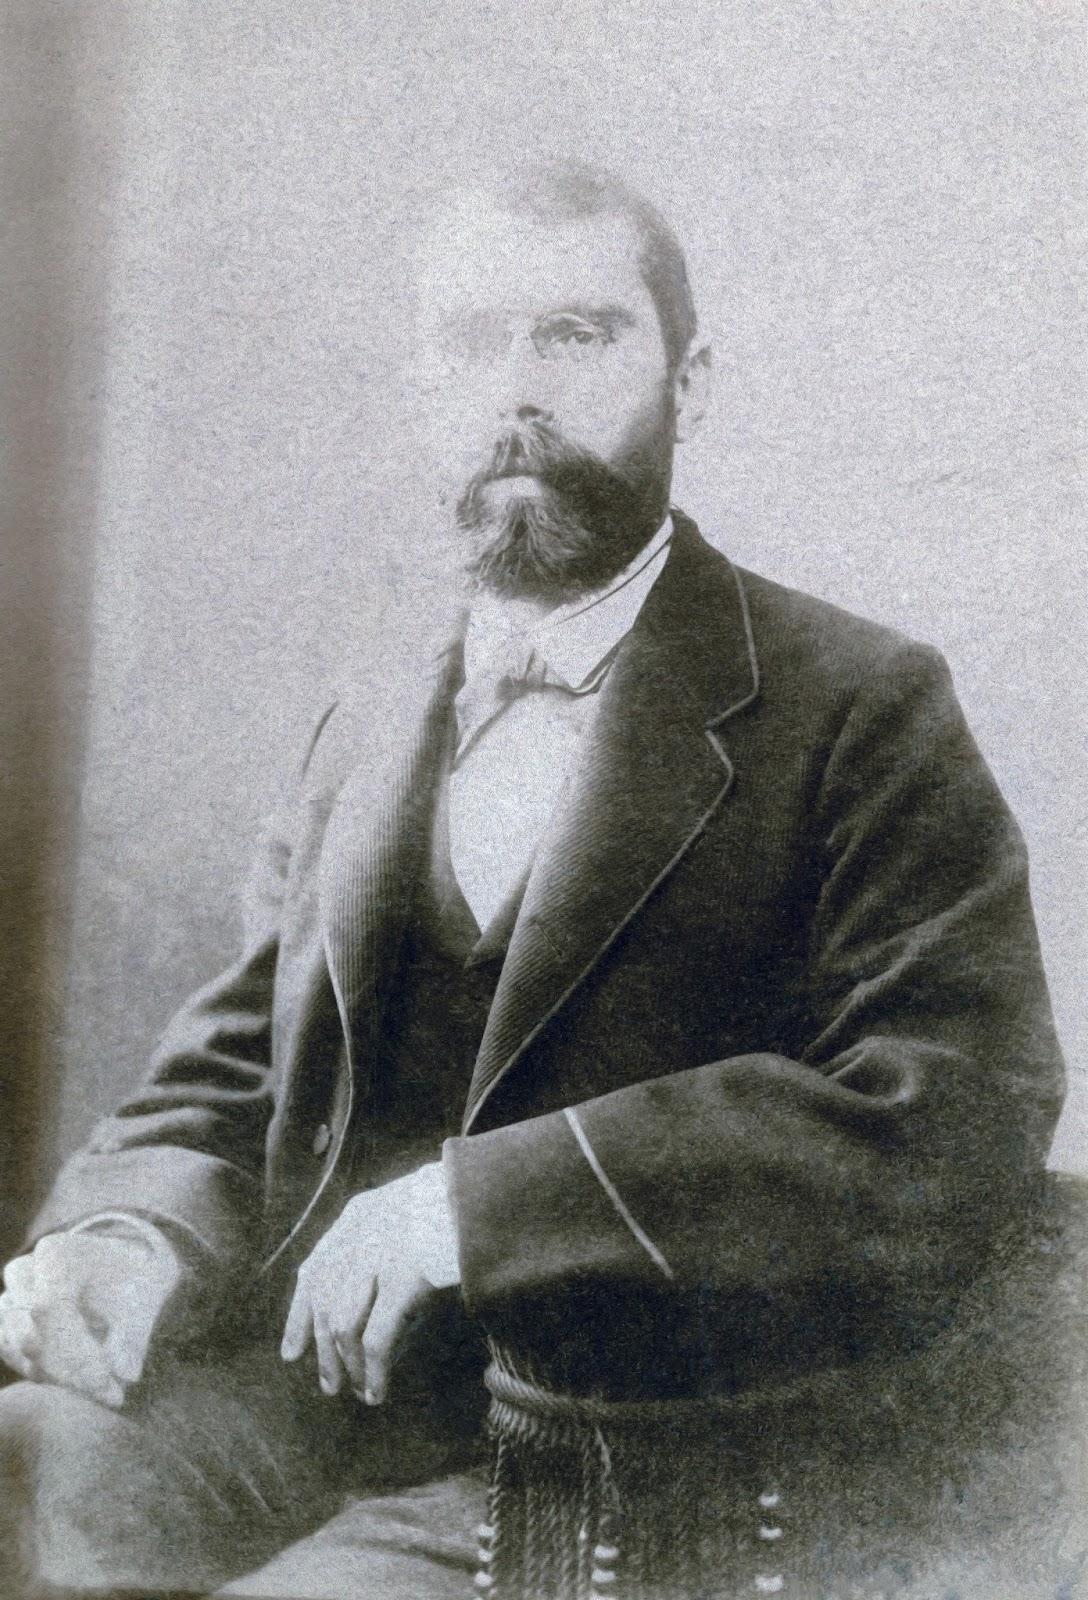 """Cette image sous son passe-partout était dans un cadre de format 19x26cm. le lot de cadres était conservé dans la salle de préhistoire.inscription au dos du cadre : """"Edouard HARLE 1850-1922"""